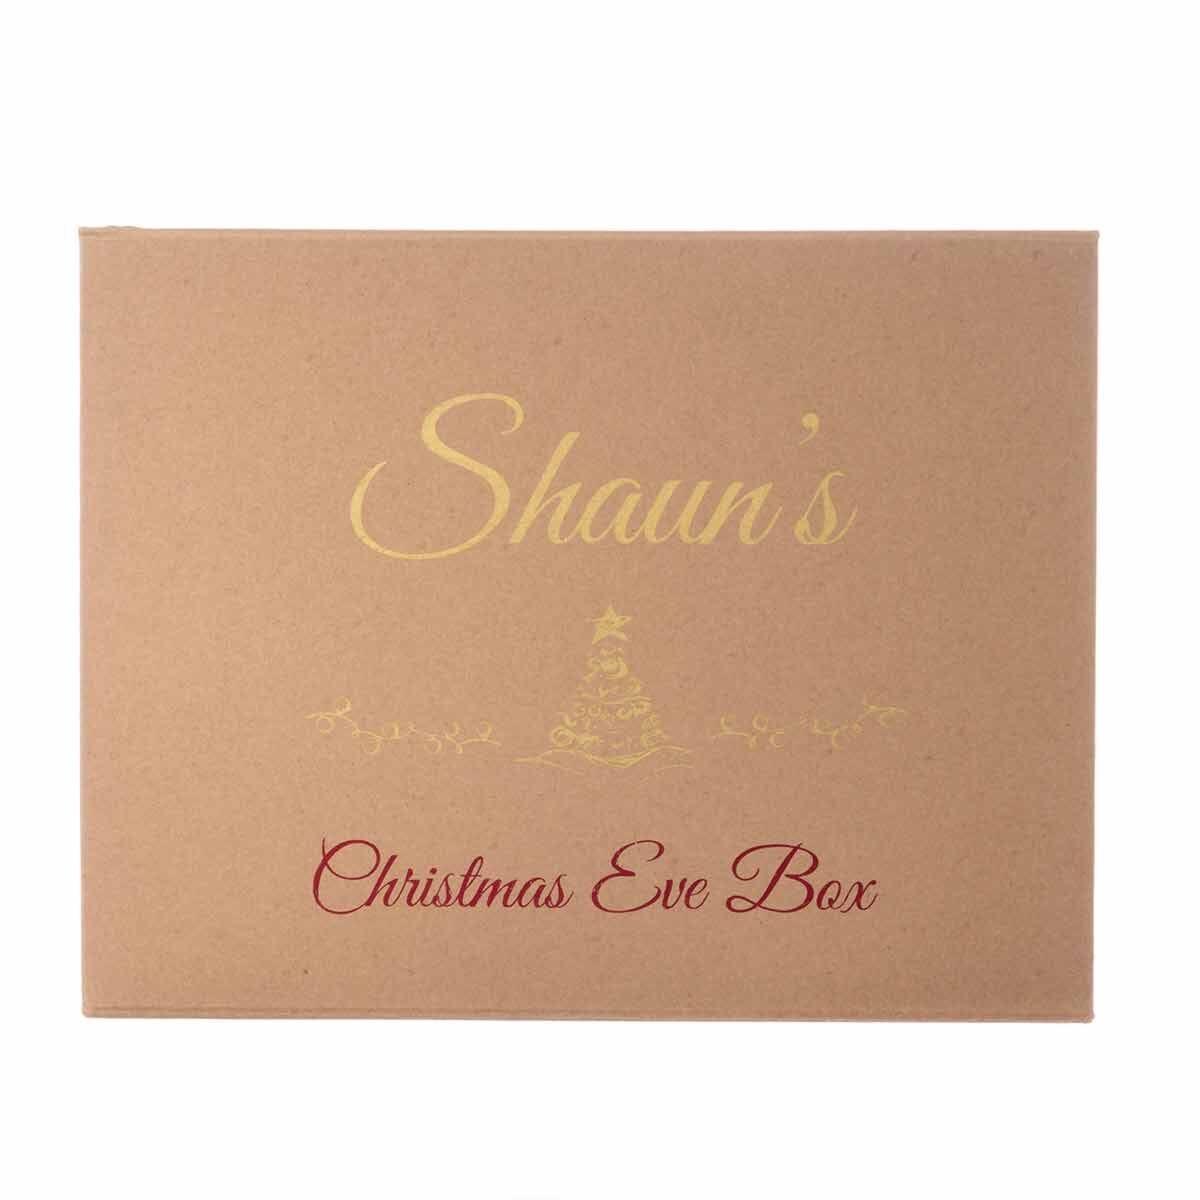 Personalised Christmas Eve Gift Box Elegant Font